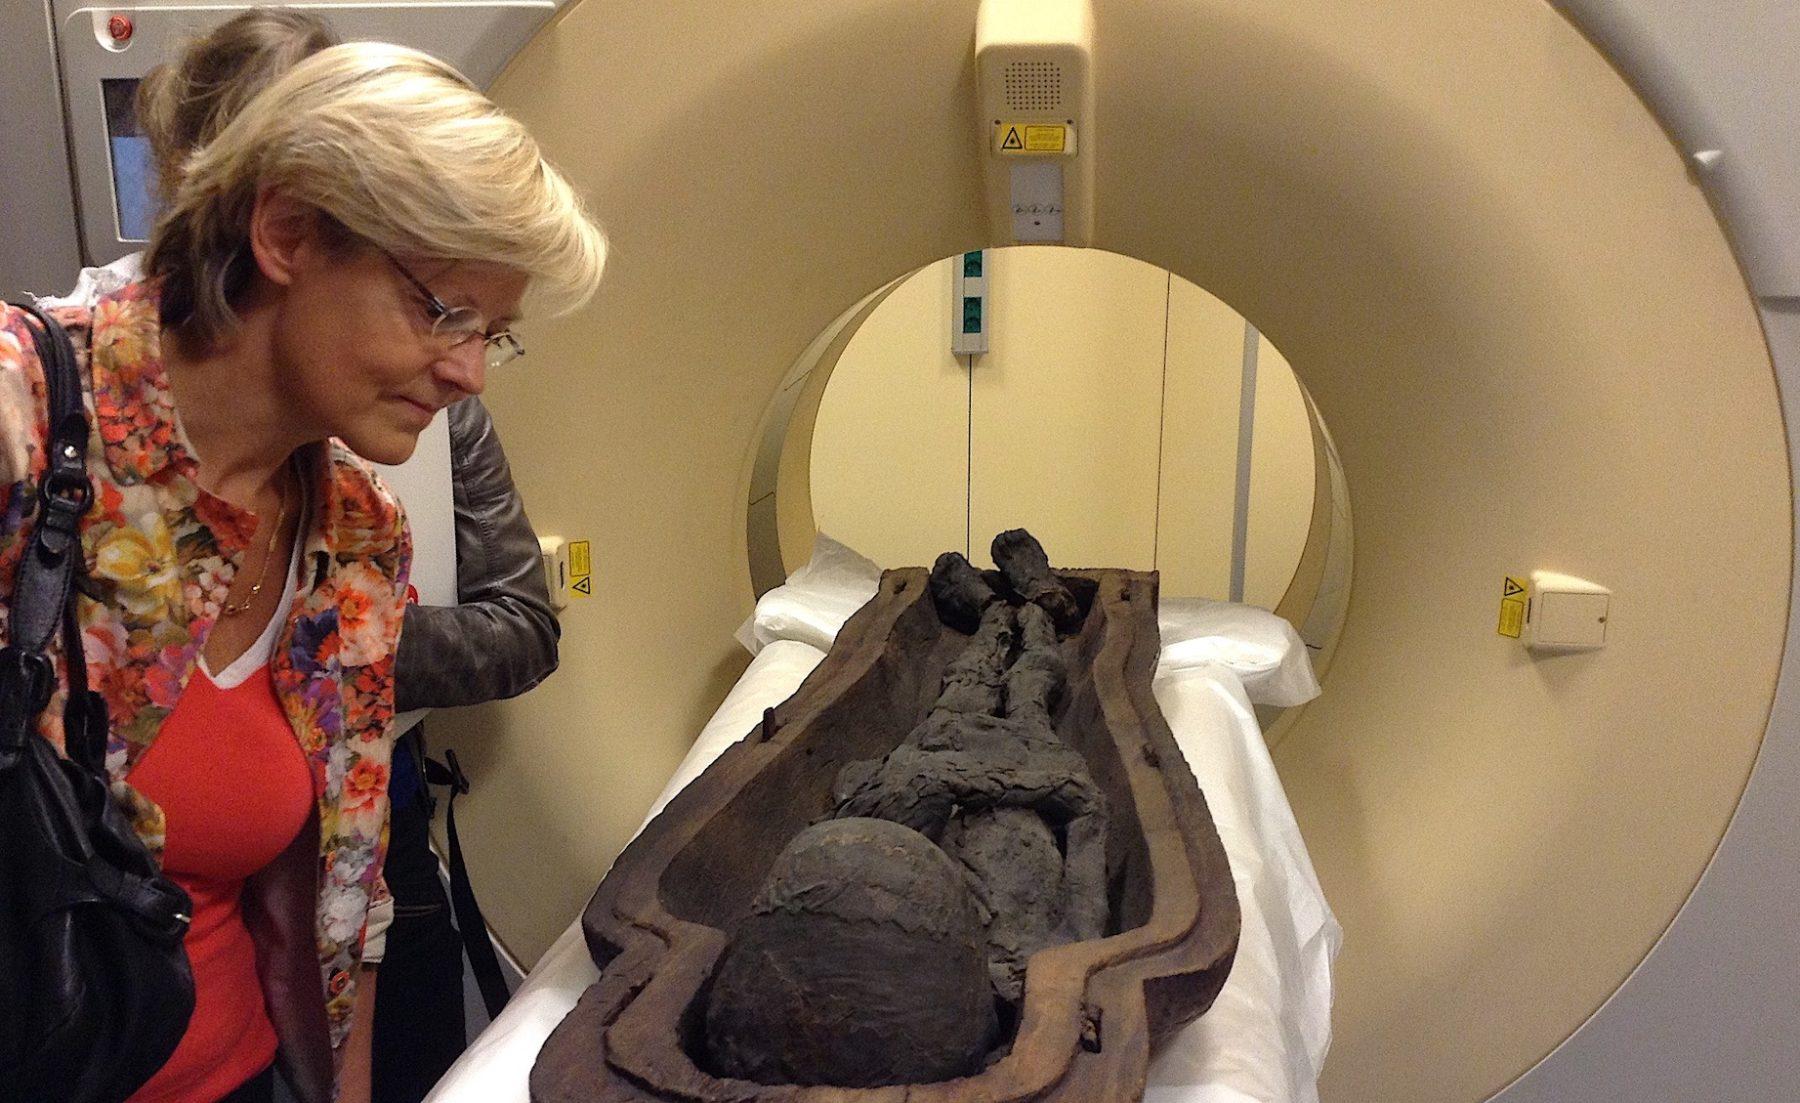 En 2015, les momies des Musées Royaux d'Art et d'Histoire sont passées au scanner, à l'hôpital St-Luc (Woluwe-St-Lambert), sous la surveillance d'Alexandra De Poorter, Directrice générale a.i. des MRAH.